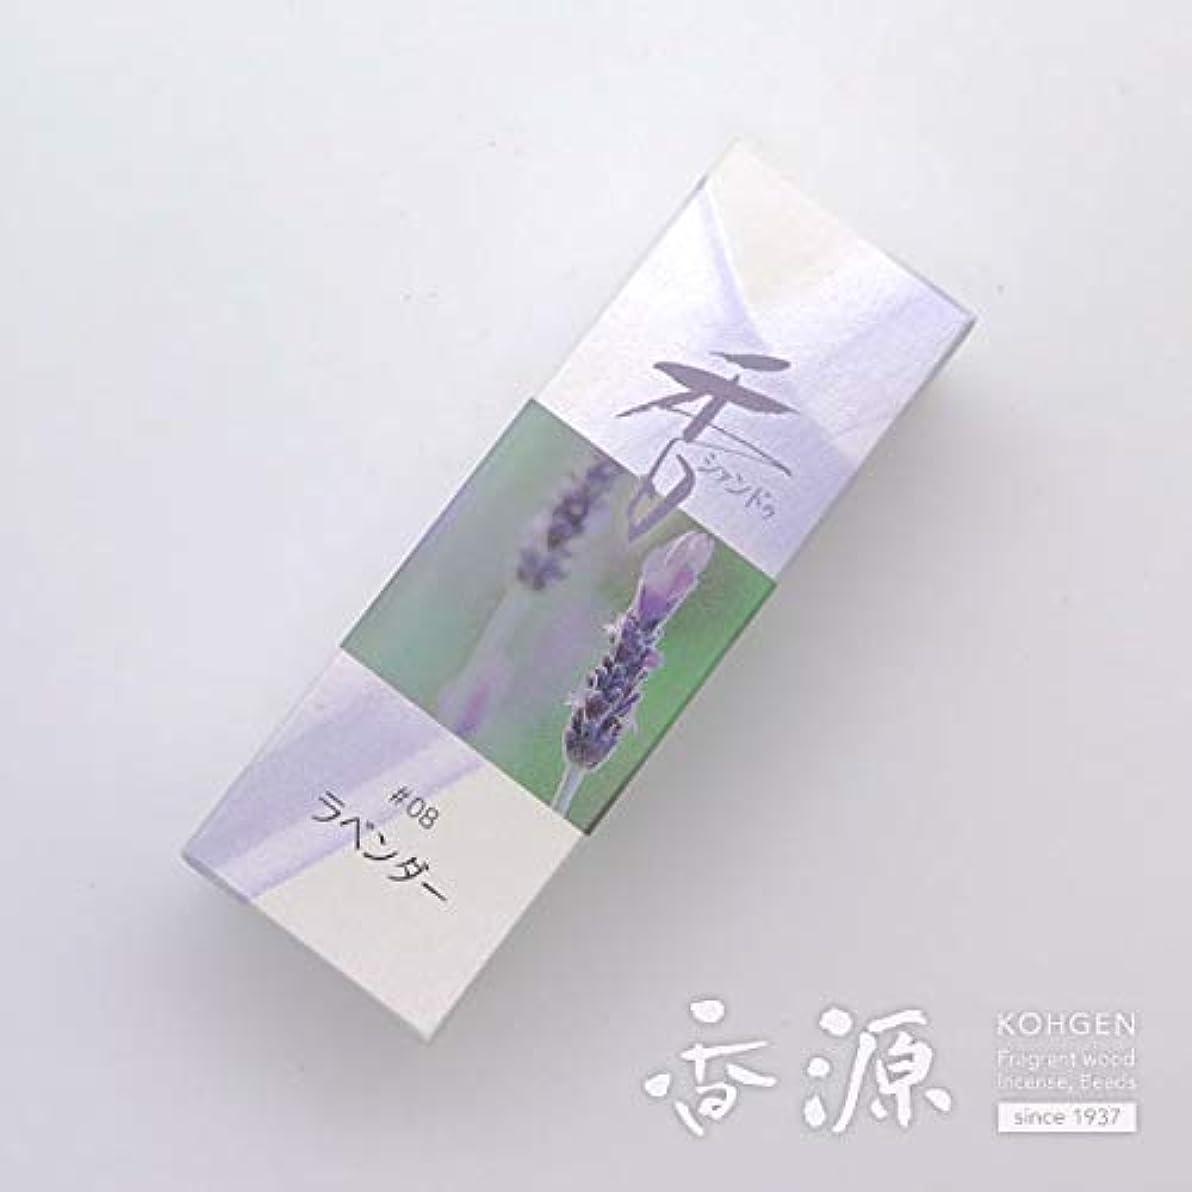 ユーモアレタスまだら松栄堂のお香 Xiang Do ラベンダー ST20本入 簡易香立付 #214208